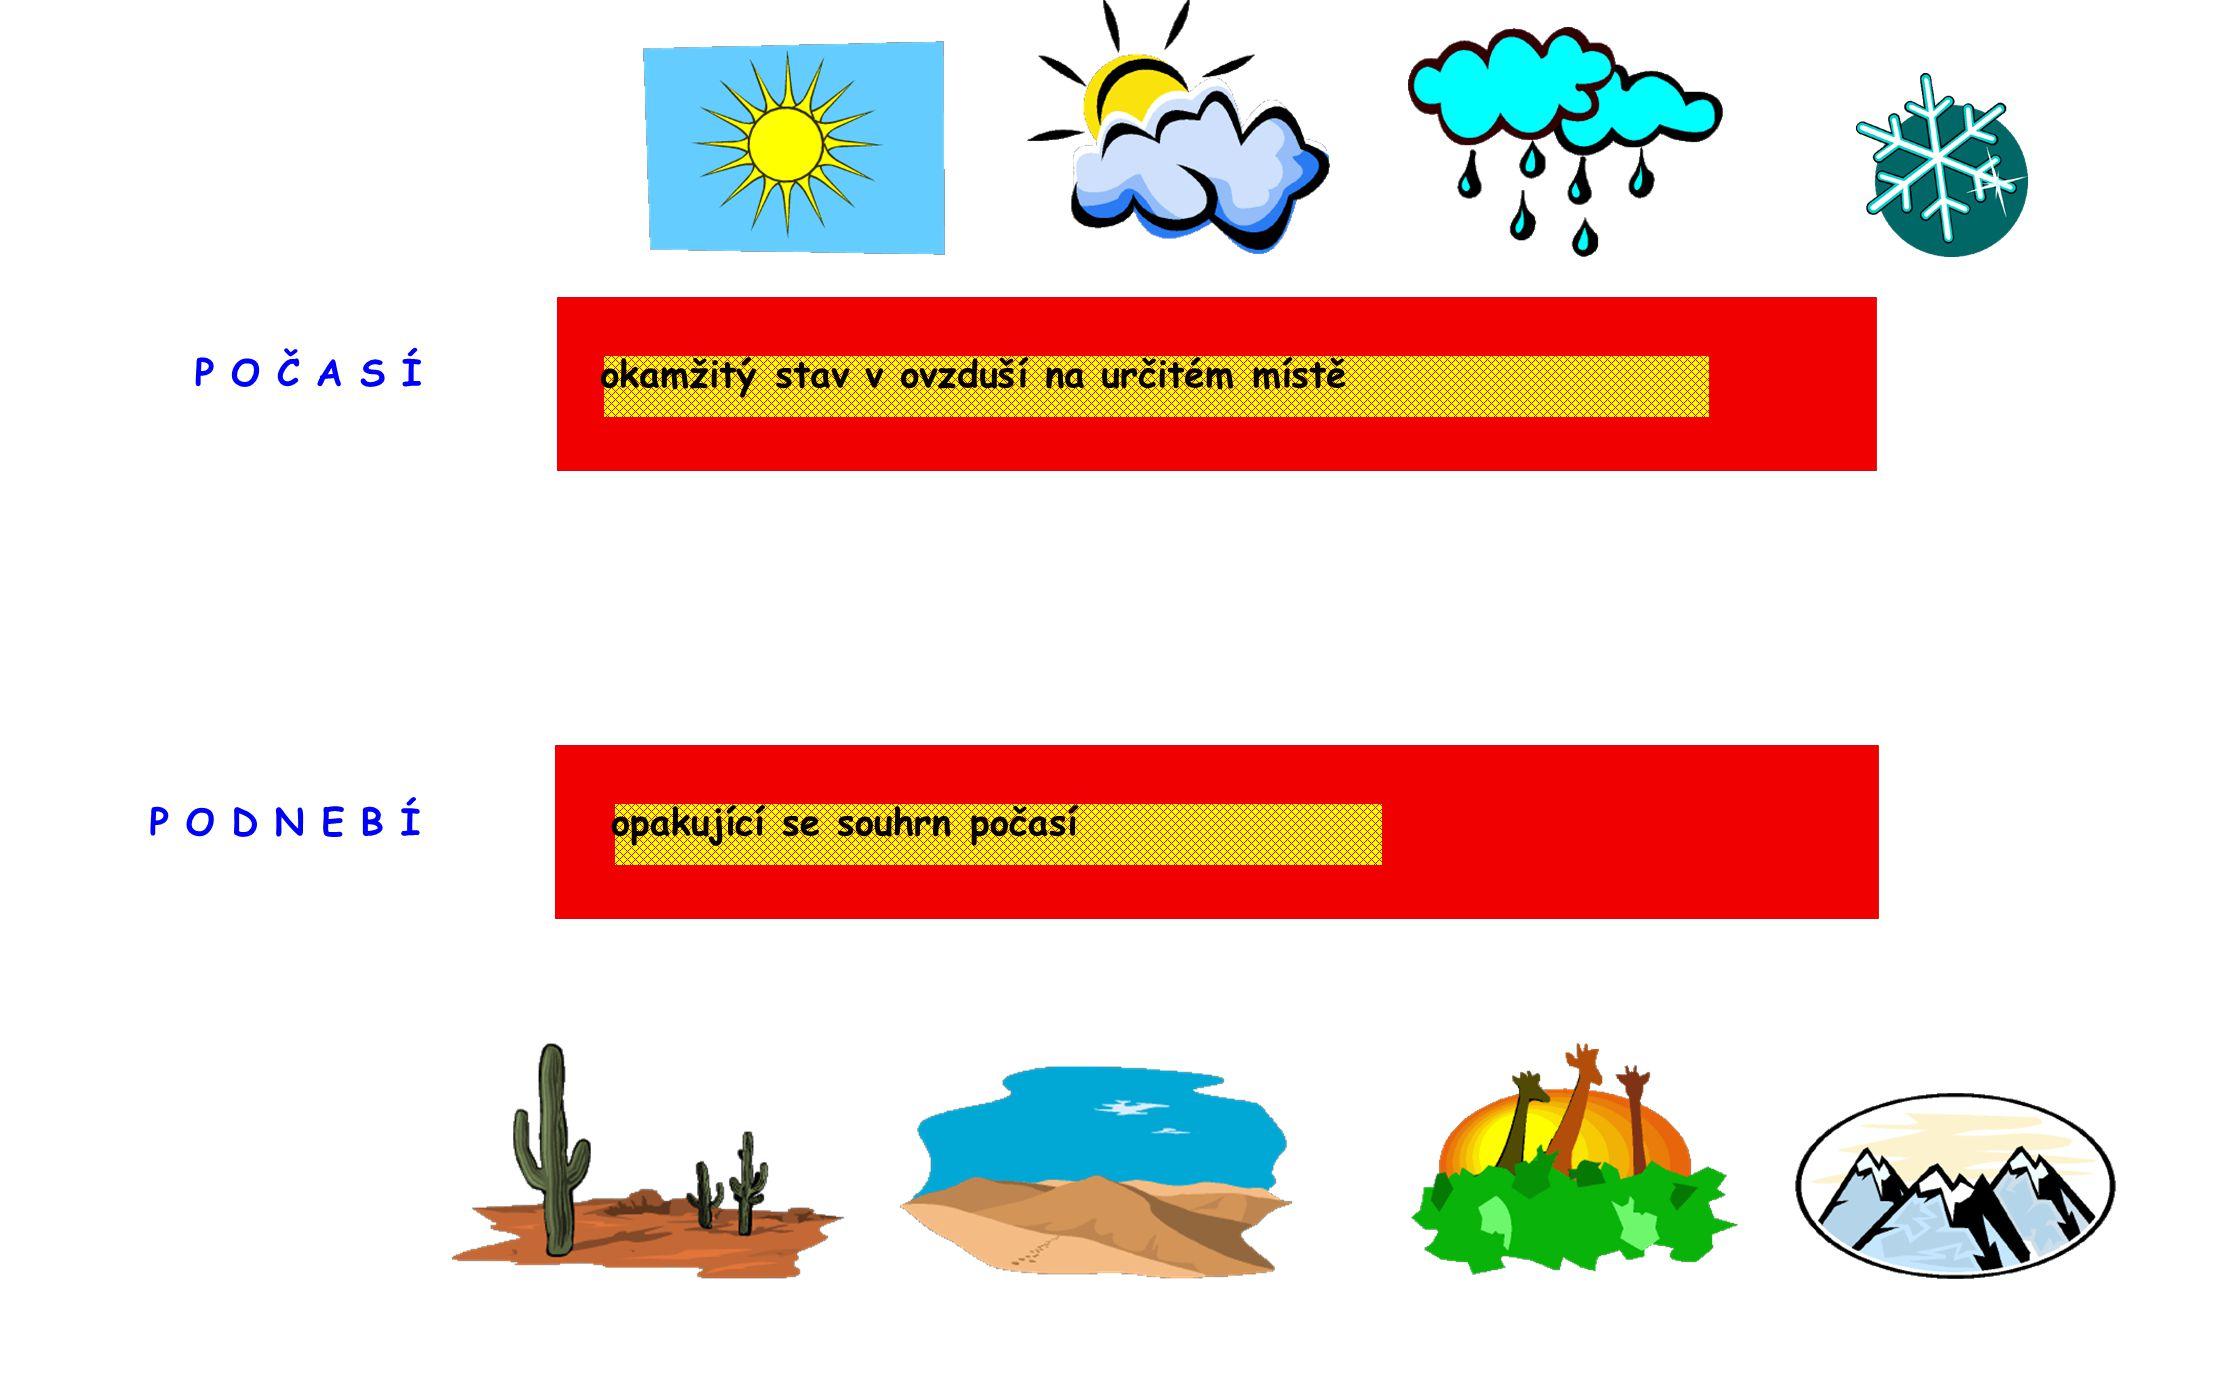 P O Č A S Í P O D N E B Í okamžitý stav v ovzduší na určitém místě opakující se souhrn počasí